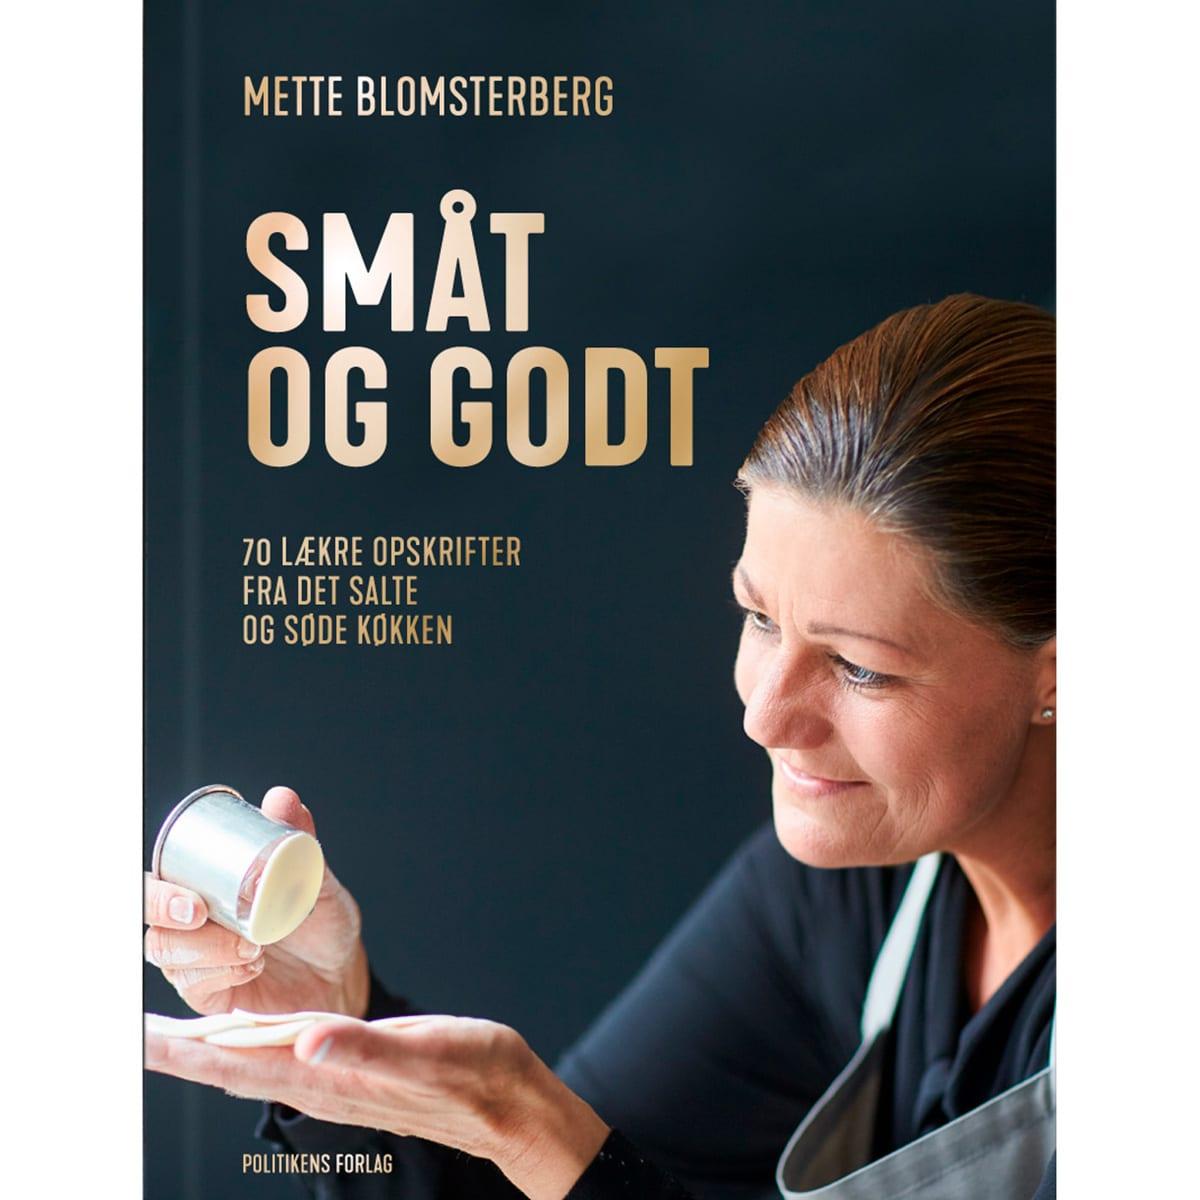 Af Mette Blomsterberg